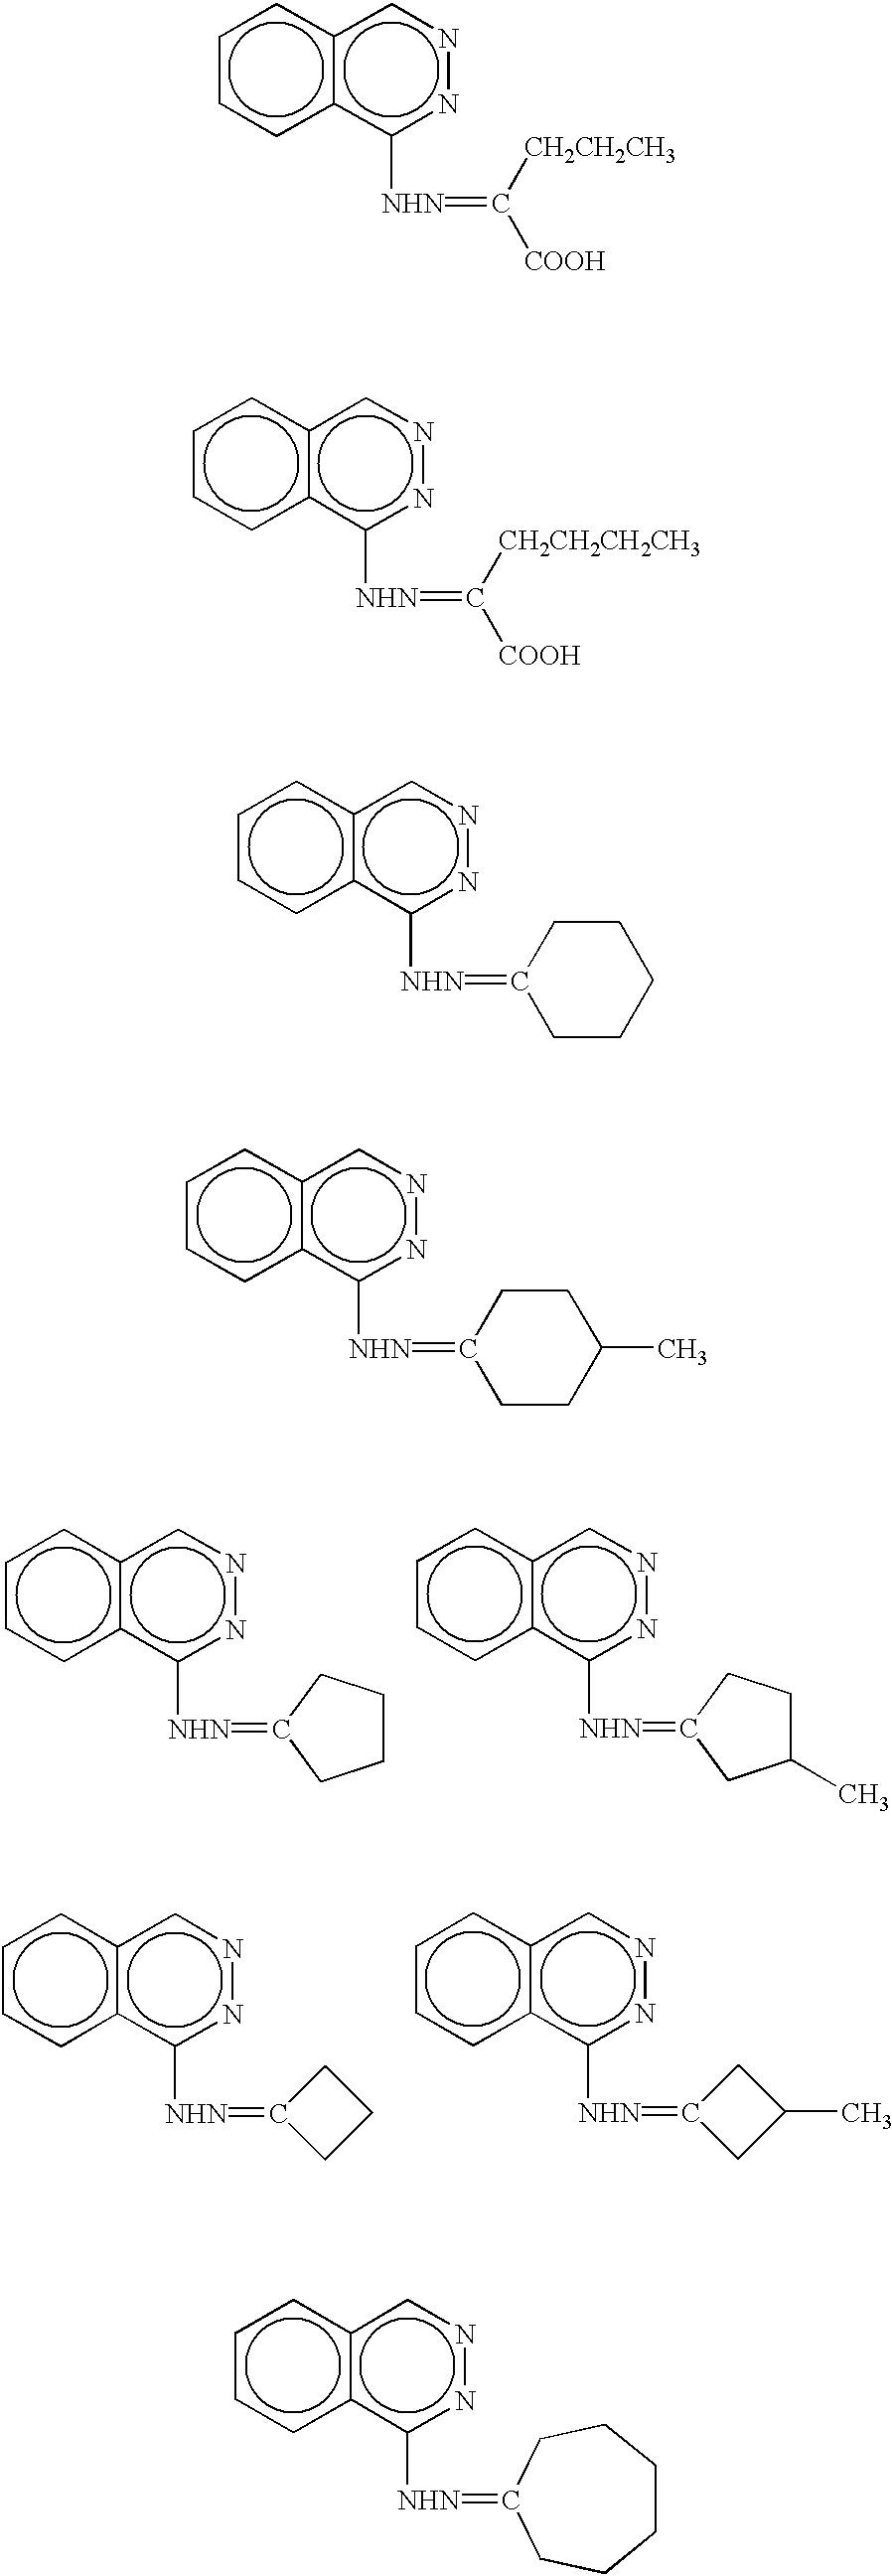 Figure US06825196-20041130-C00054